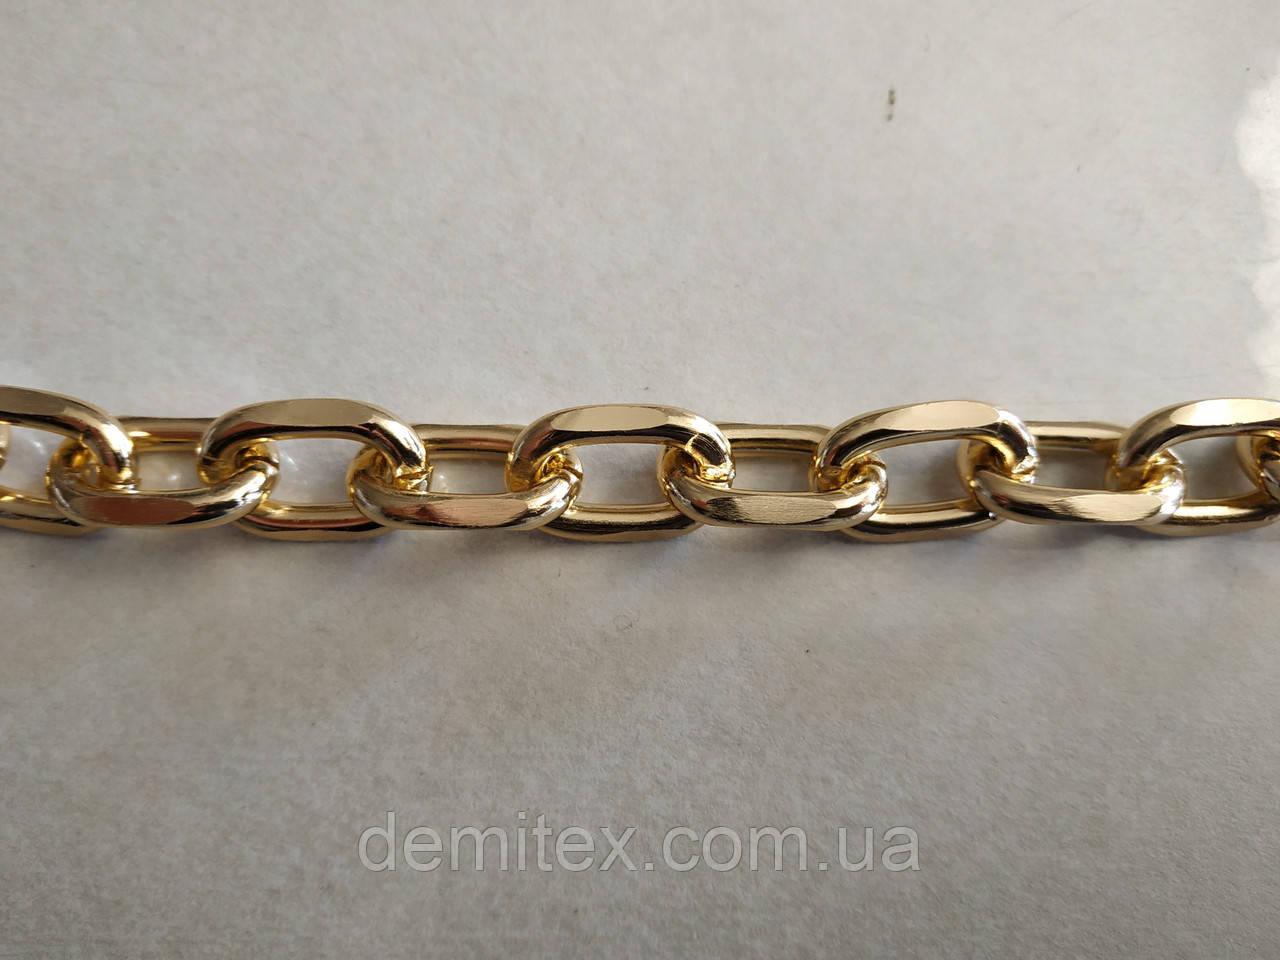 Ланцюжок сумочная якірна алюмінієва золото ширина зовнішня 22мм, висота зовнішня 14мм, товщина 4мм